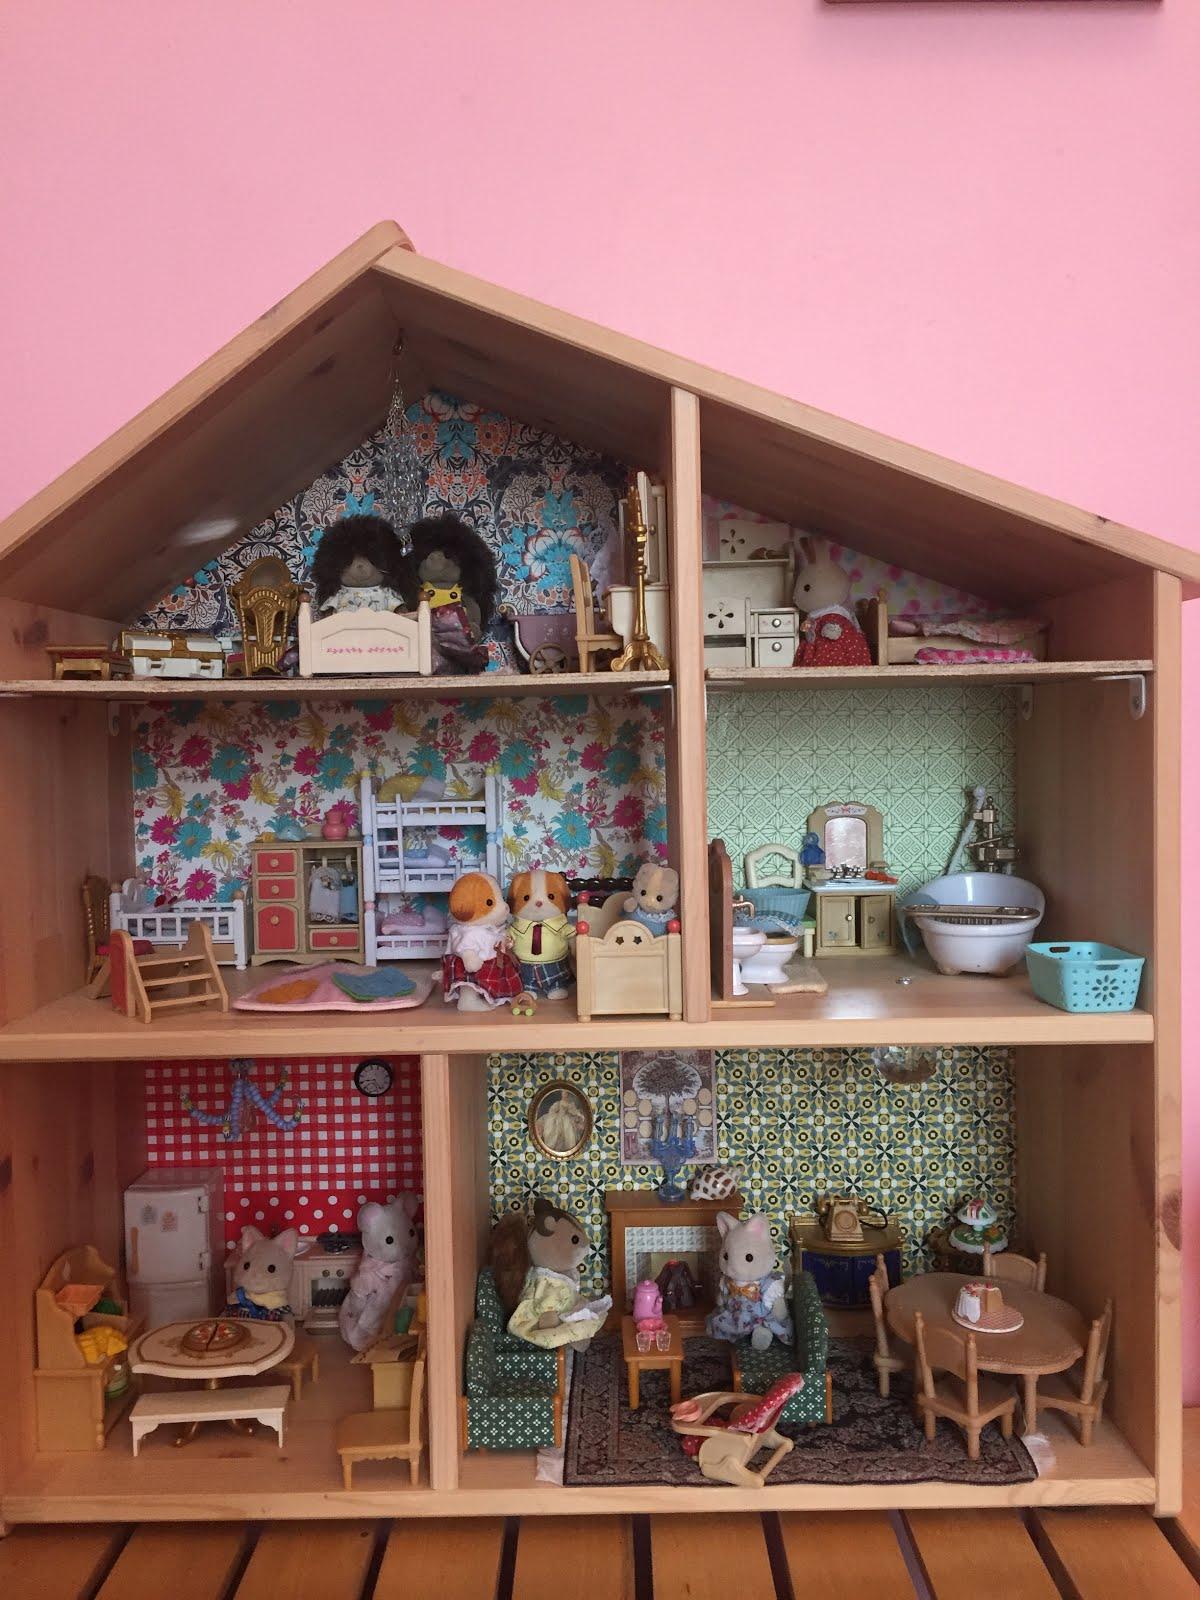 petits homeschoolers ikea flisat hack ateliers de bricolage autour d 39 une maison de poup e. Black Bedroom Furniture Sets. Home Design Ideas